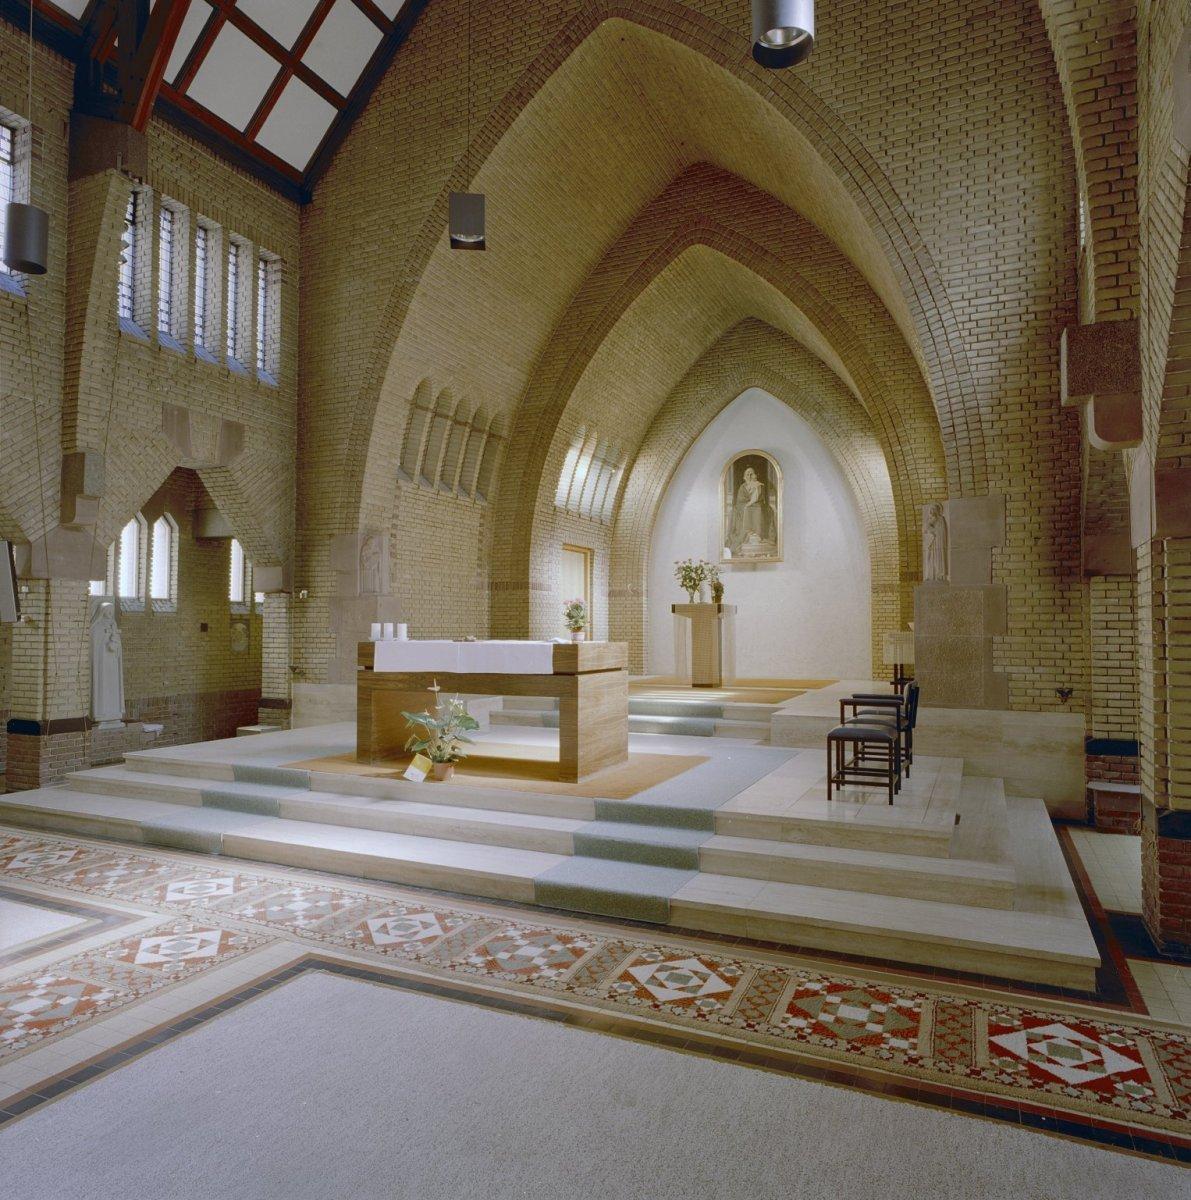 File:Interieur, kapel - Nijmegen - 20337595 - RCE.jpg - Wikimedia ...